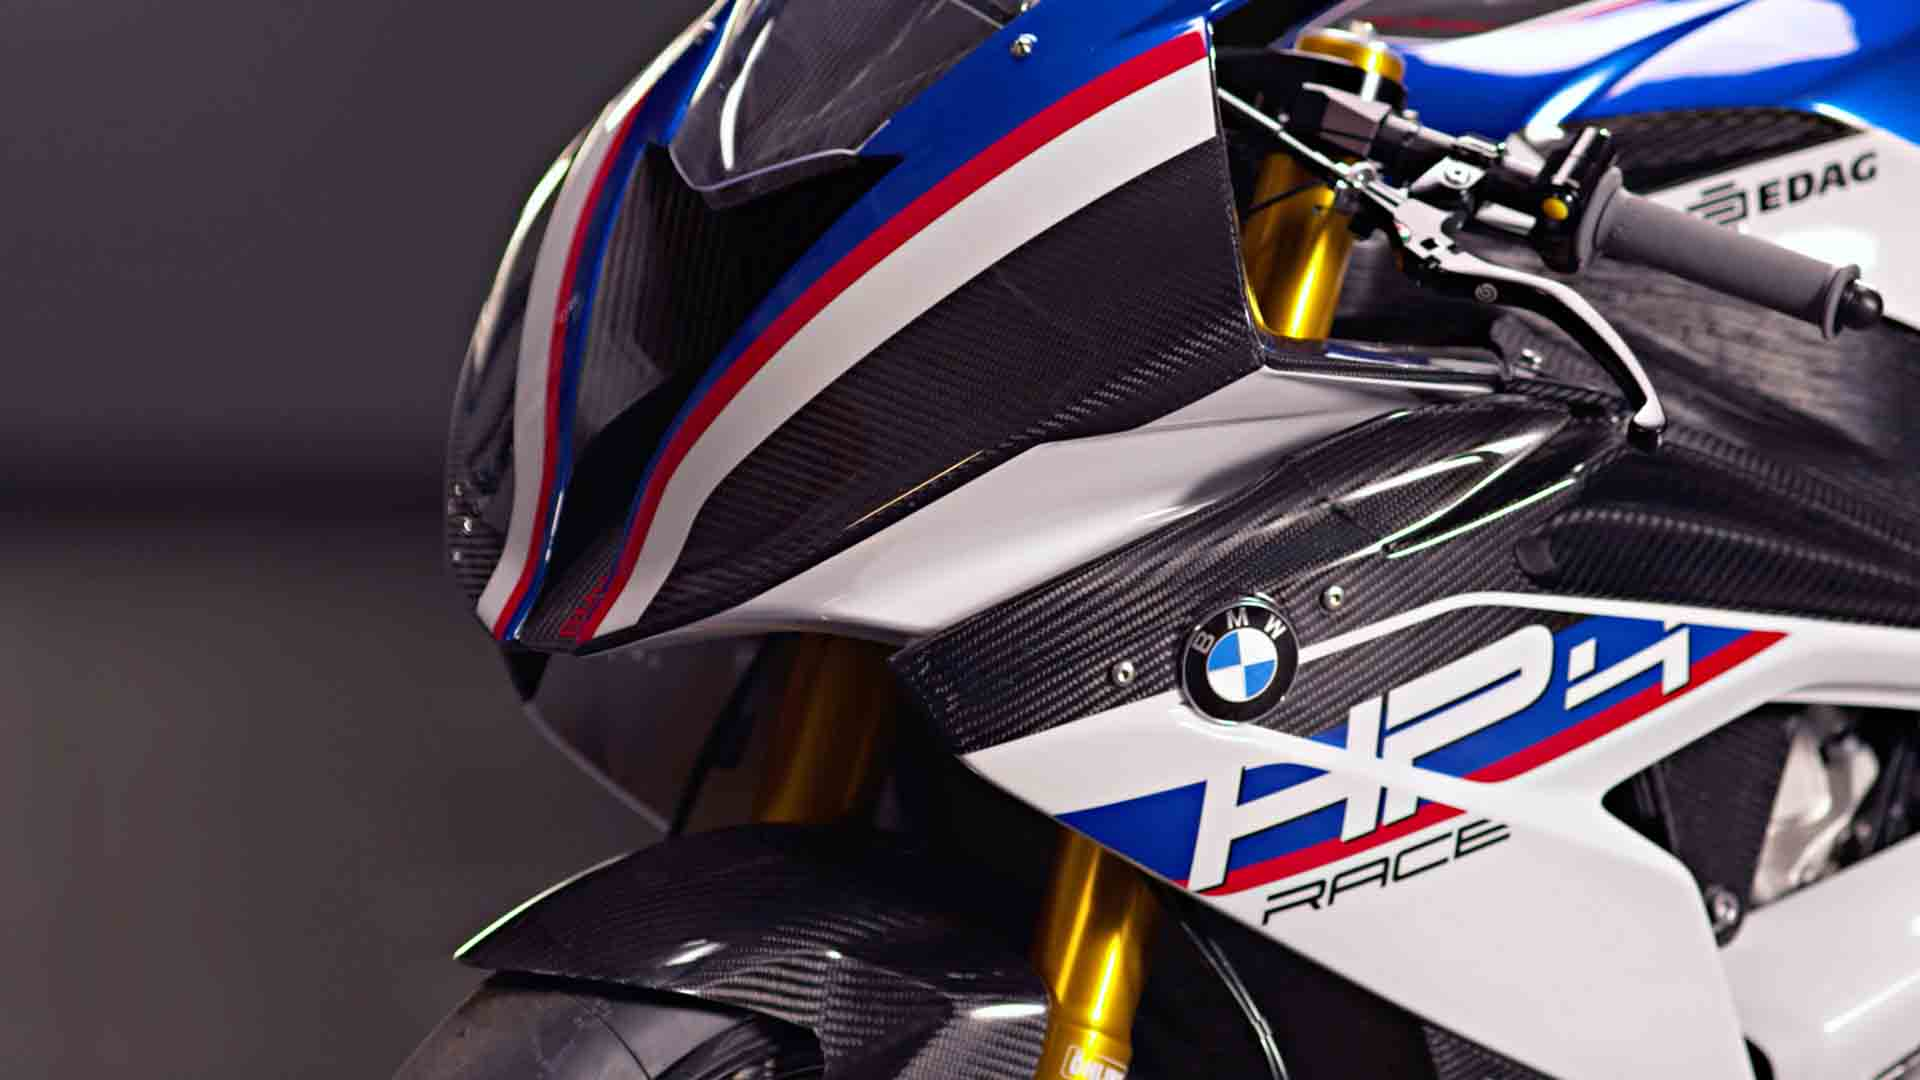 Das Bild zeigt ein Motorrad, das schwarz-blau-weiß-rot gestreift ist. Man sieht ein Logo von BMW. Das Bild zeigt nur die vordere Seite des Motorrads. Das Bild dient als Sliderbild für den Portfolioeintrag BMW Motorrad HP4 Race In the Spotlight von Panda Pictures.